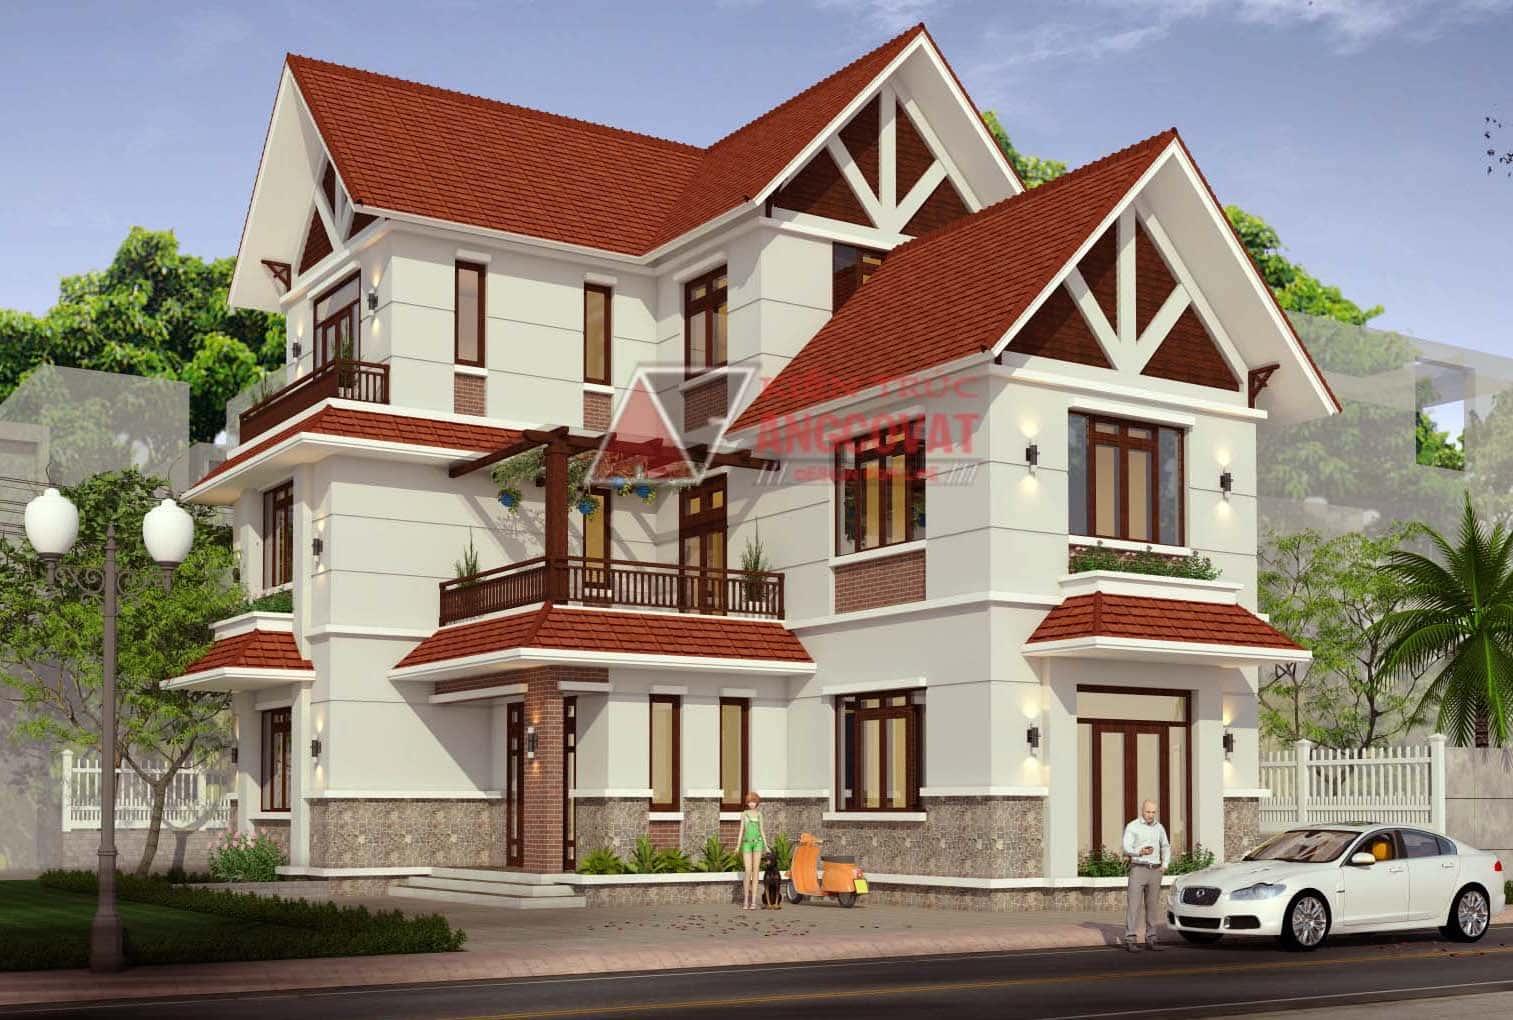 cac mau nha hinh chu l 3 tang 1 - 25 Mẫu thiết kế nhà mái ngói đẹp được nhiều người ưa thích